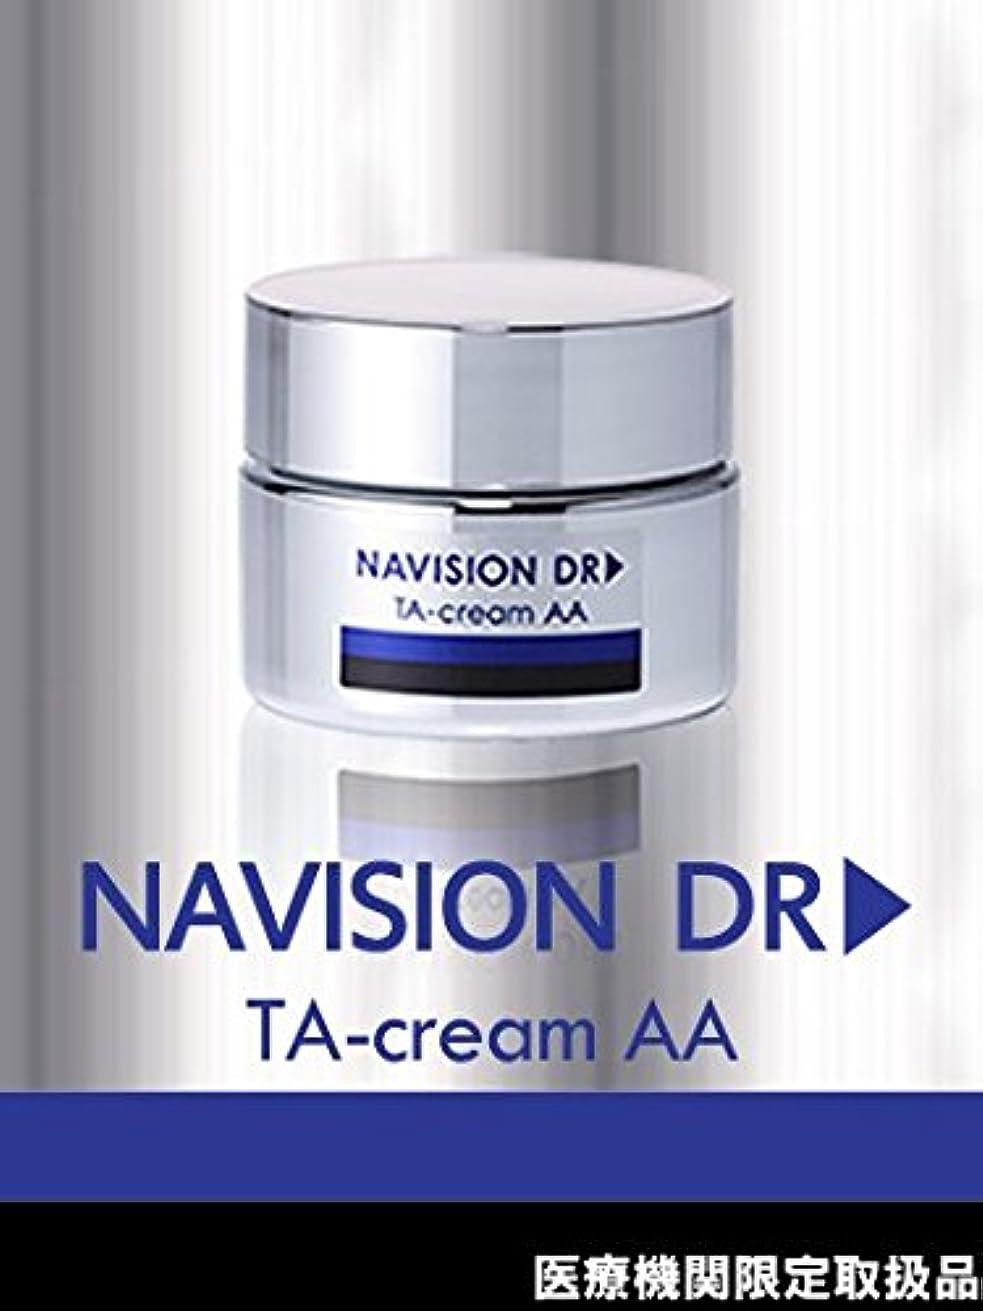 レスリングドラフトうれしいNAVISION DR? ナビジョンDR TAクリームAA(医薬部外品) 30g 【医療機関限定取扱品】